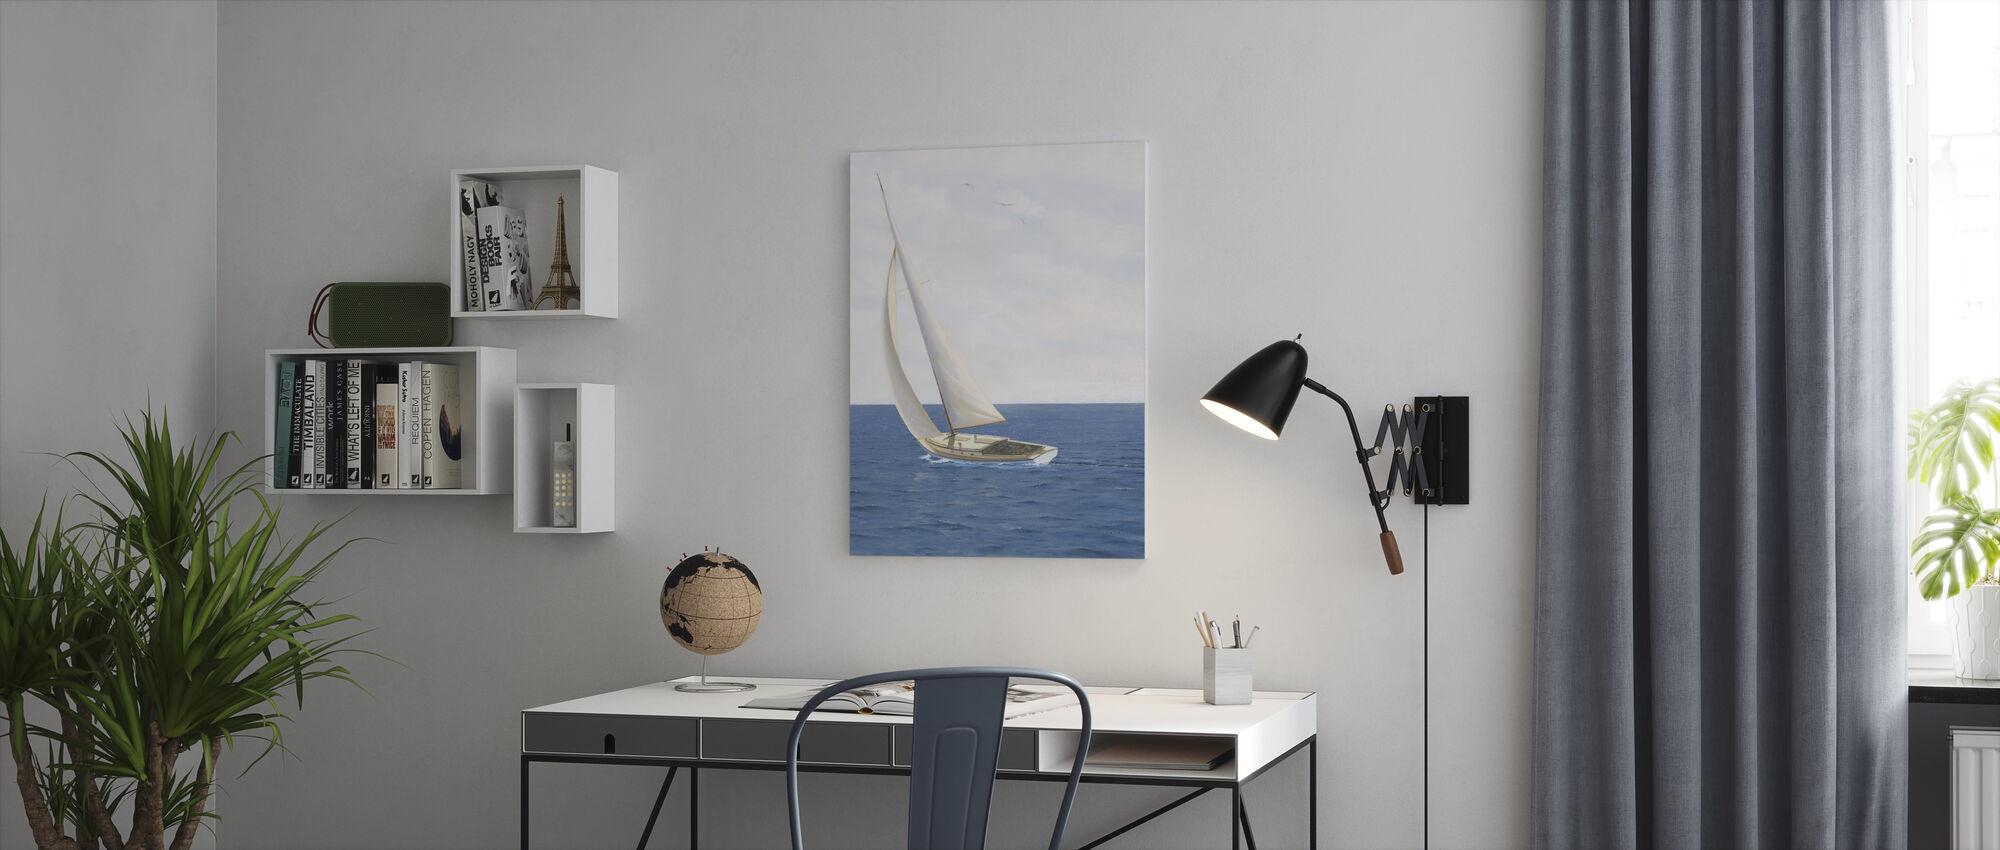 Un día en el mar II - Lienzo - Oficina